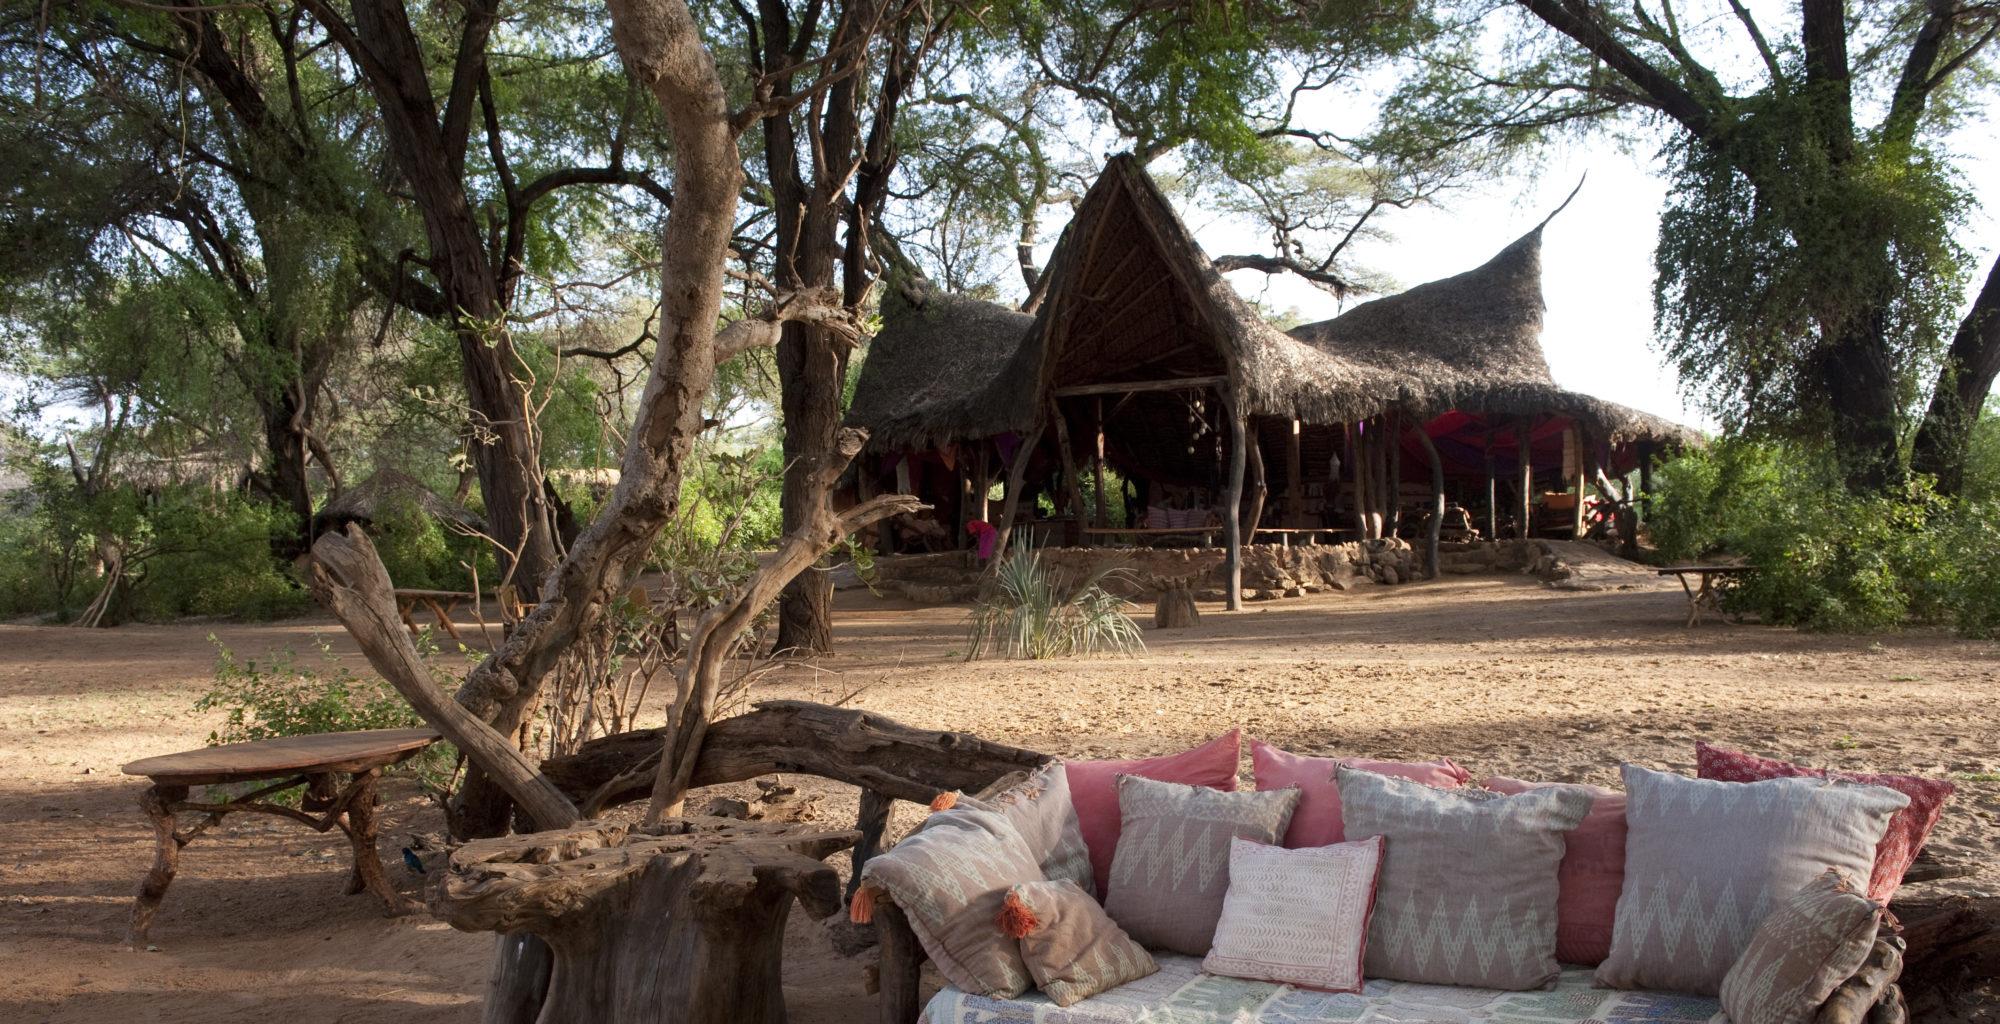 Kenya-Elephant-Watch-Exterior